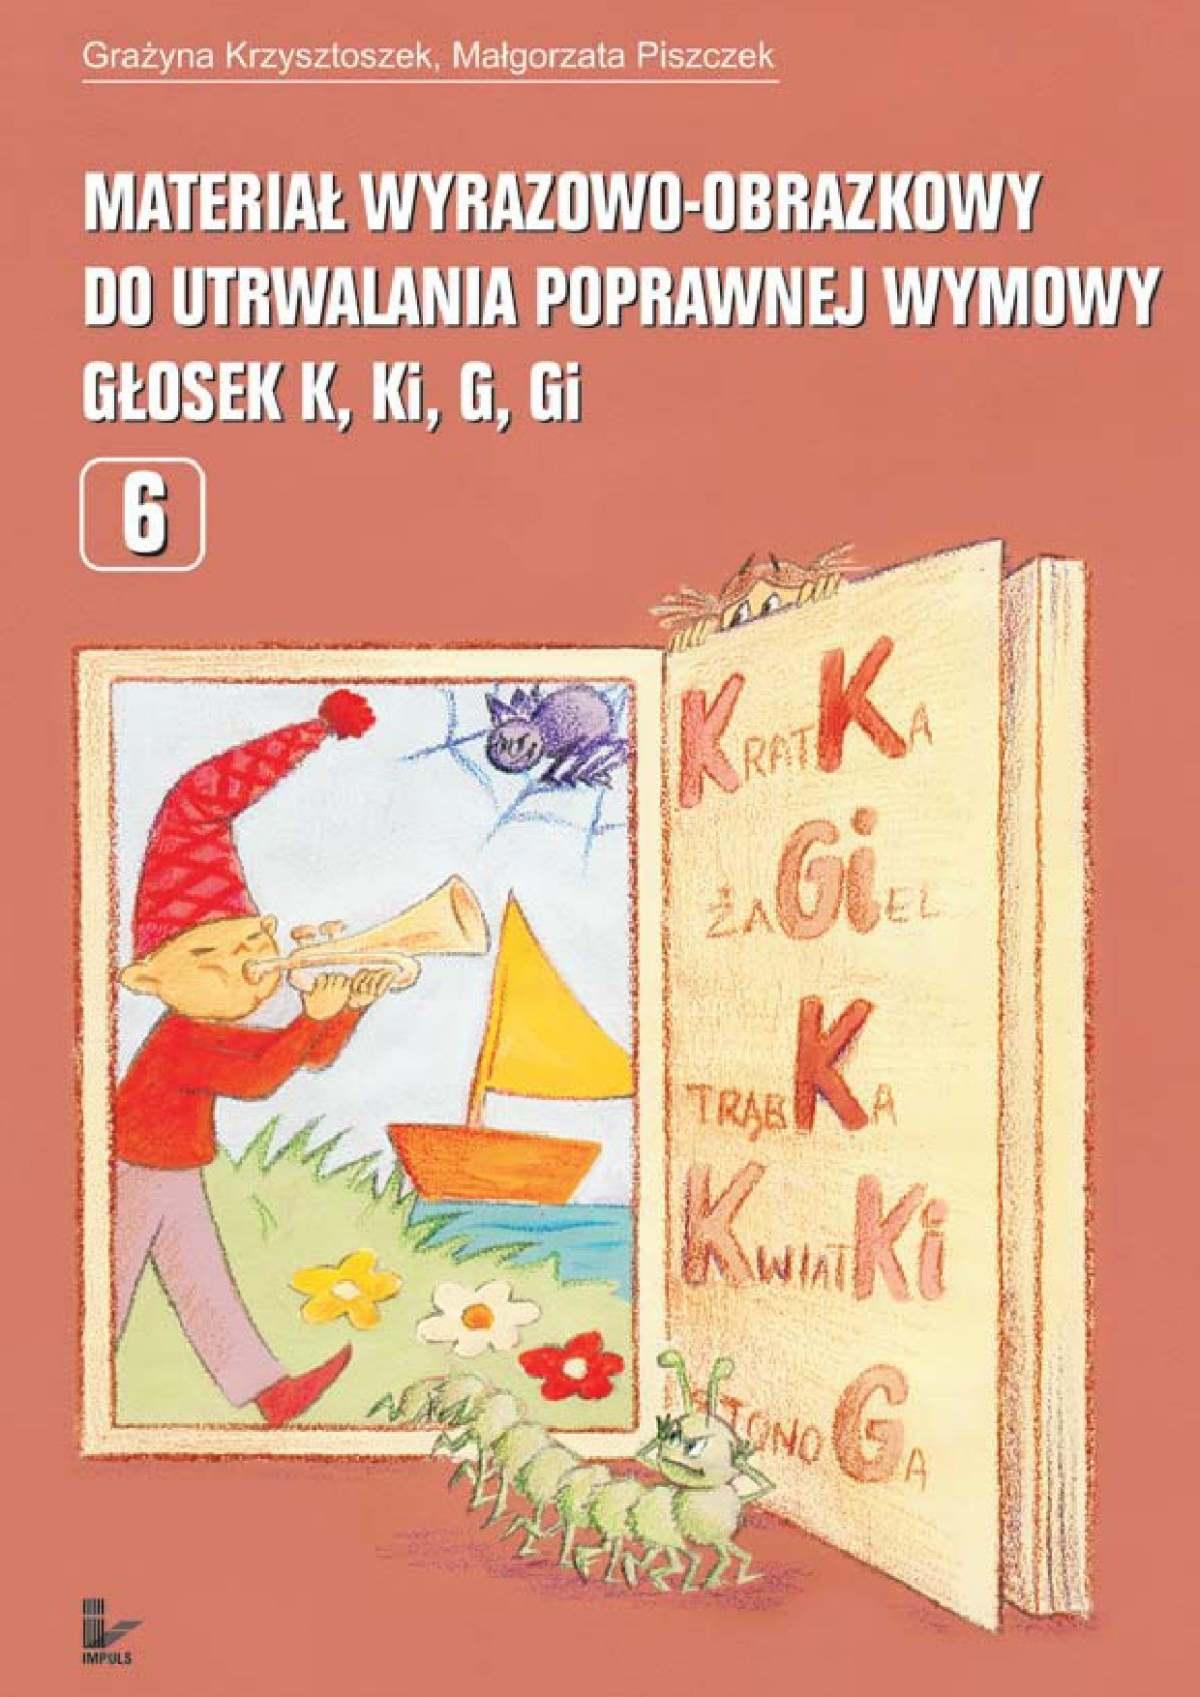 Materiał wyrazowo-obrazkowy do utrwalania poprawnej wymowy głosek k, ki, g, gi - Ebook (Książka na Kindle) do pobrania w formacie MOBI